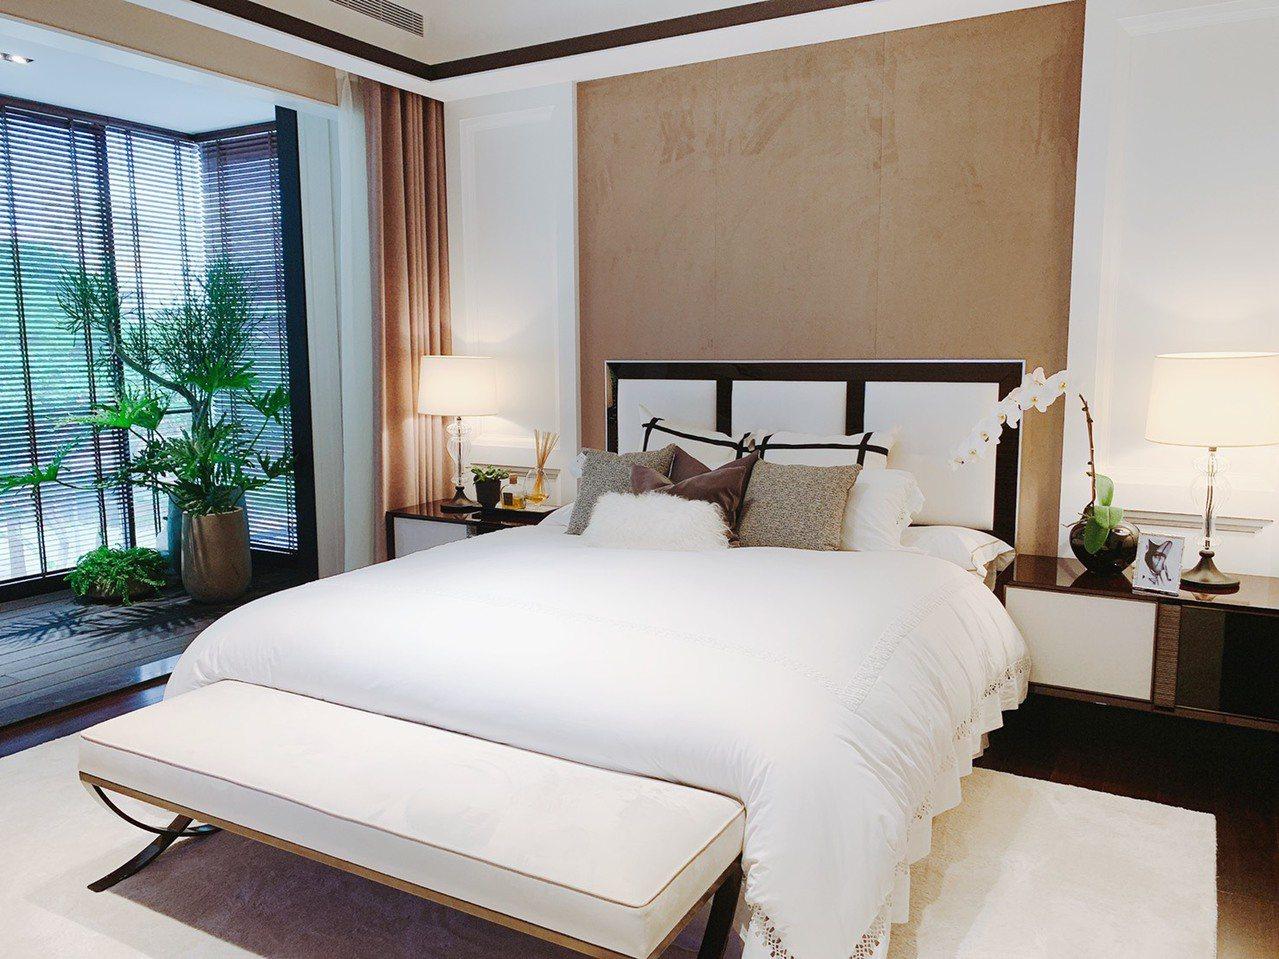 寬敞臥室提供住戶絕佳入住體驗。圖/宏普頤和提供